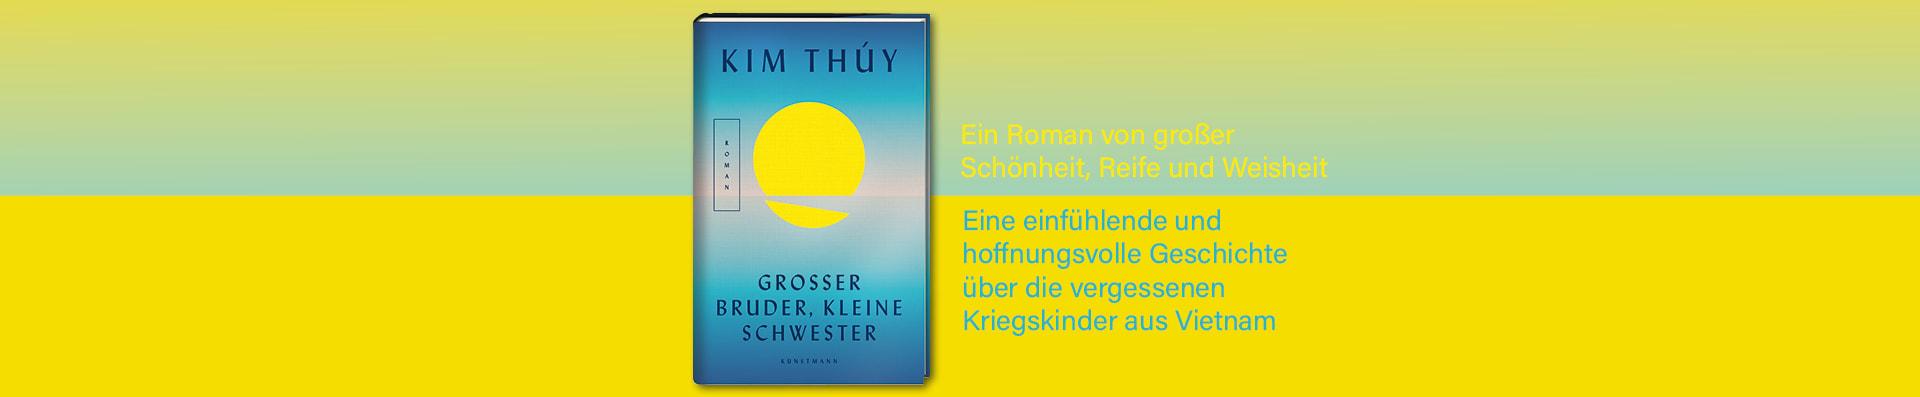 Kim Thuy – Großer Bruder, kleine Schwester